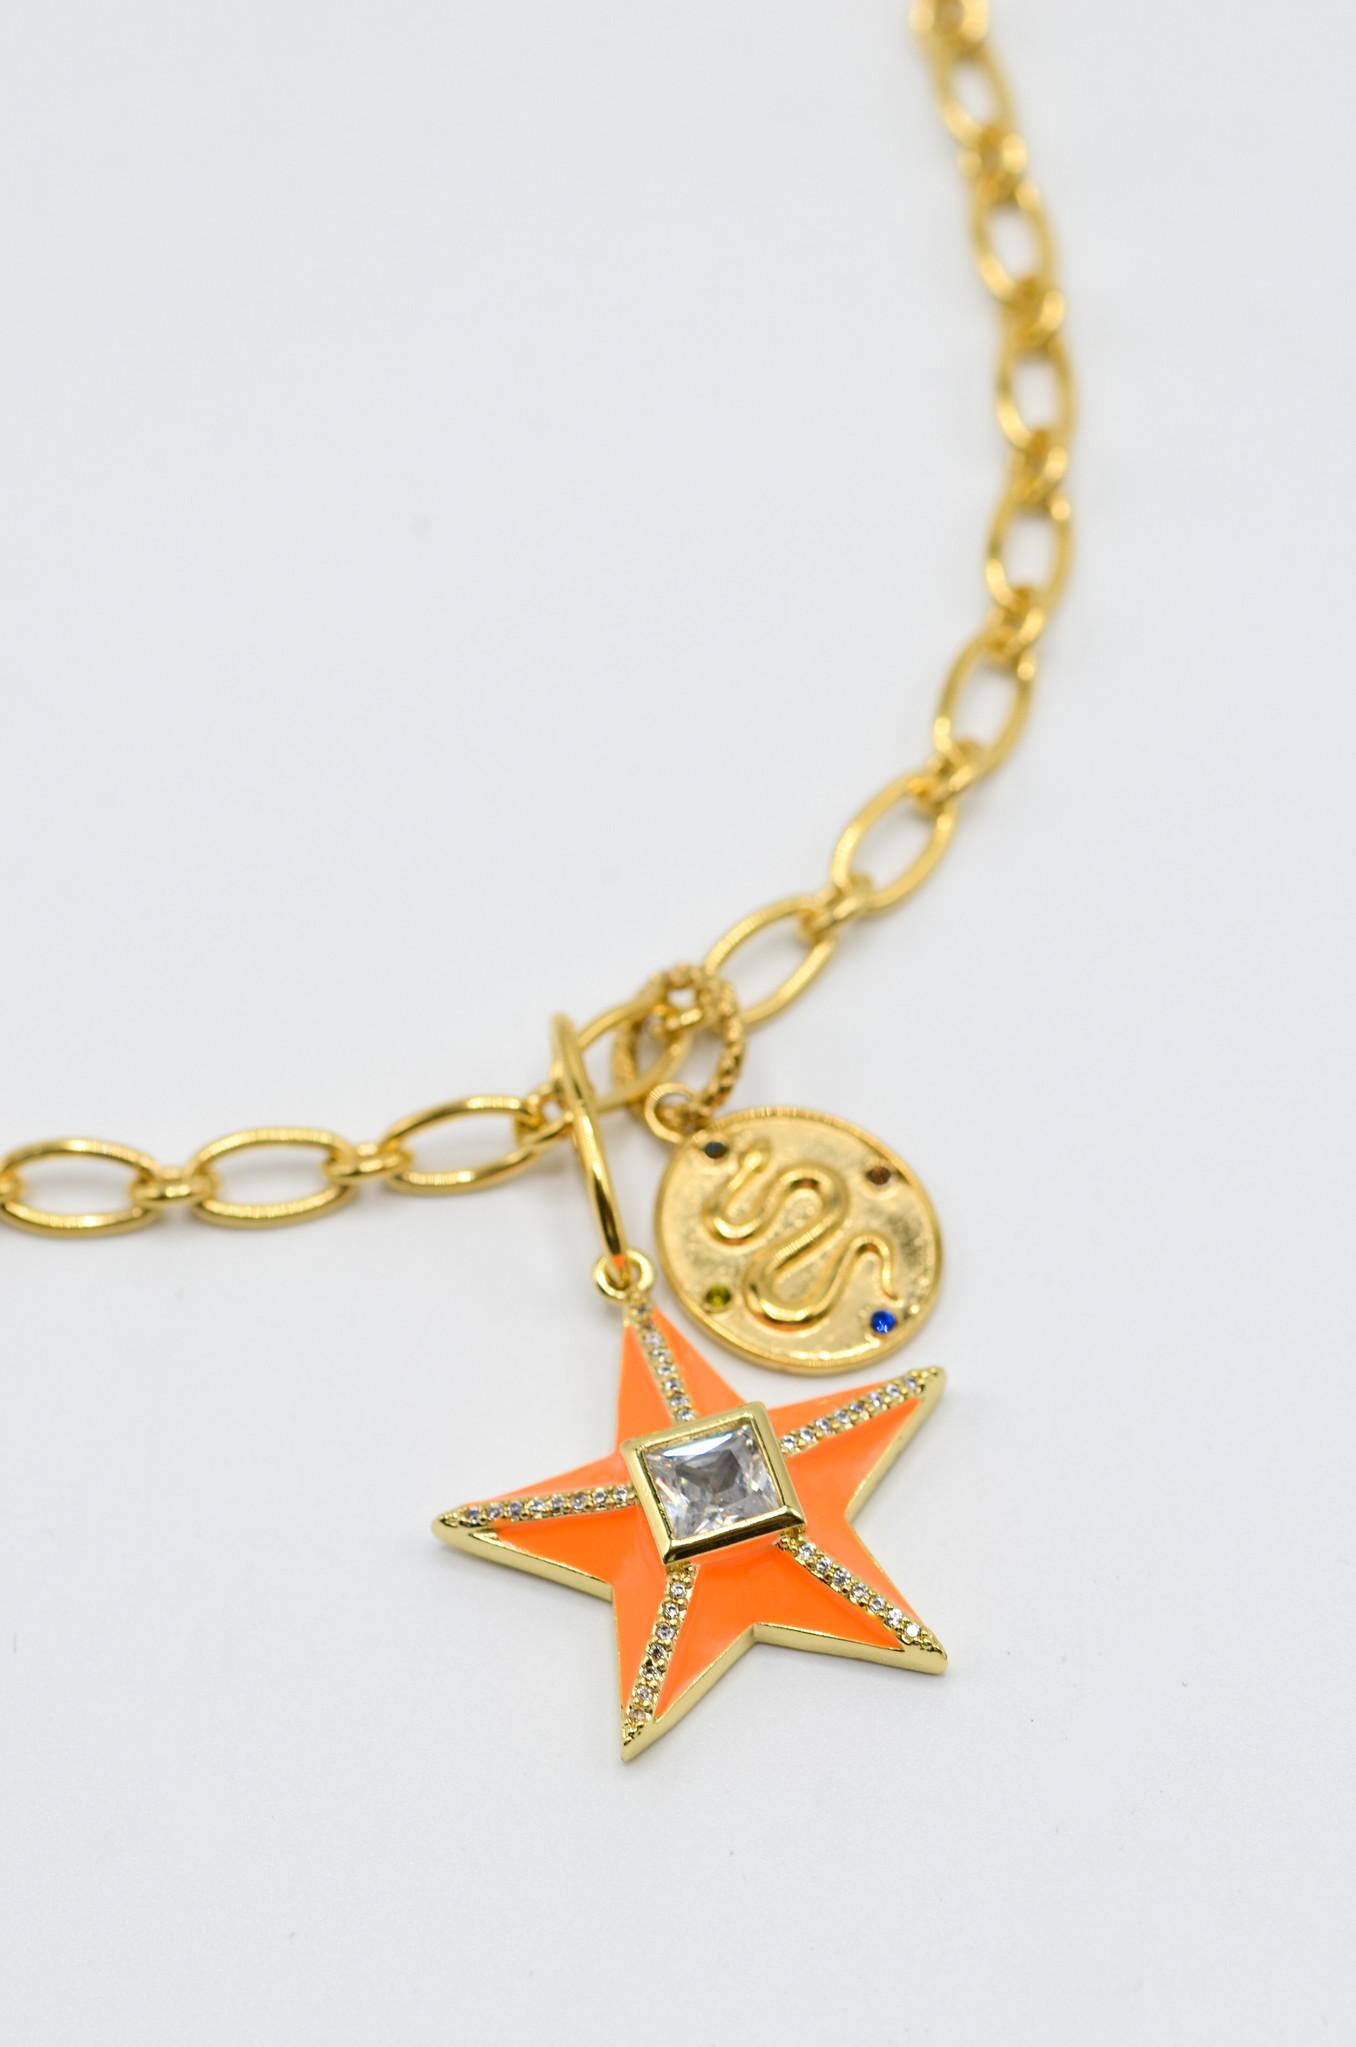 STAR NECKLACE IN NEON ORANGE-1